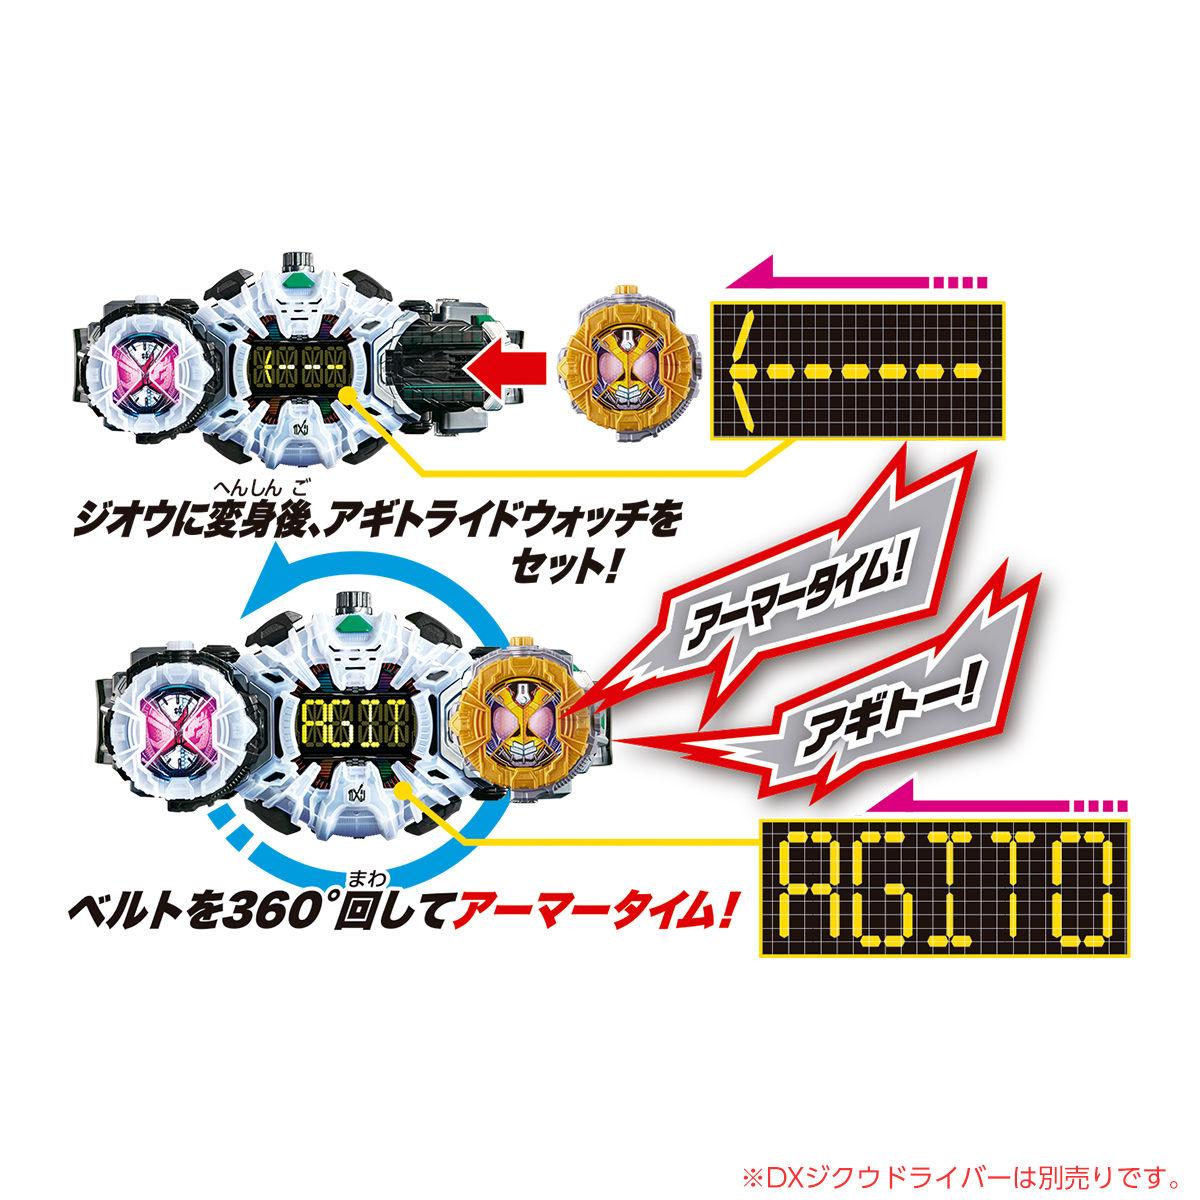 仮面ライダージオウ『DXアギトライドウォッチ』変身なりきり-006